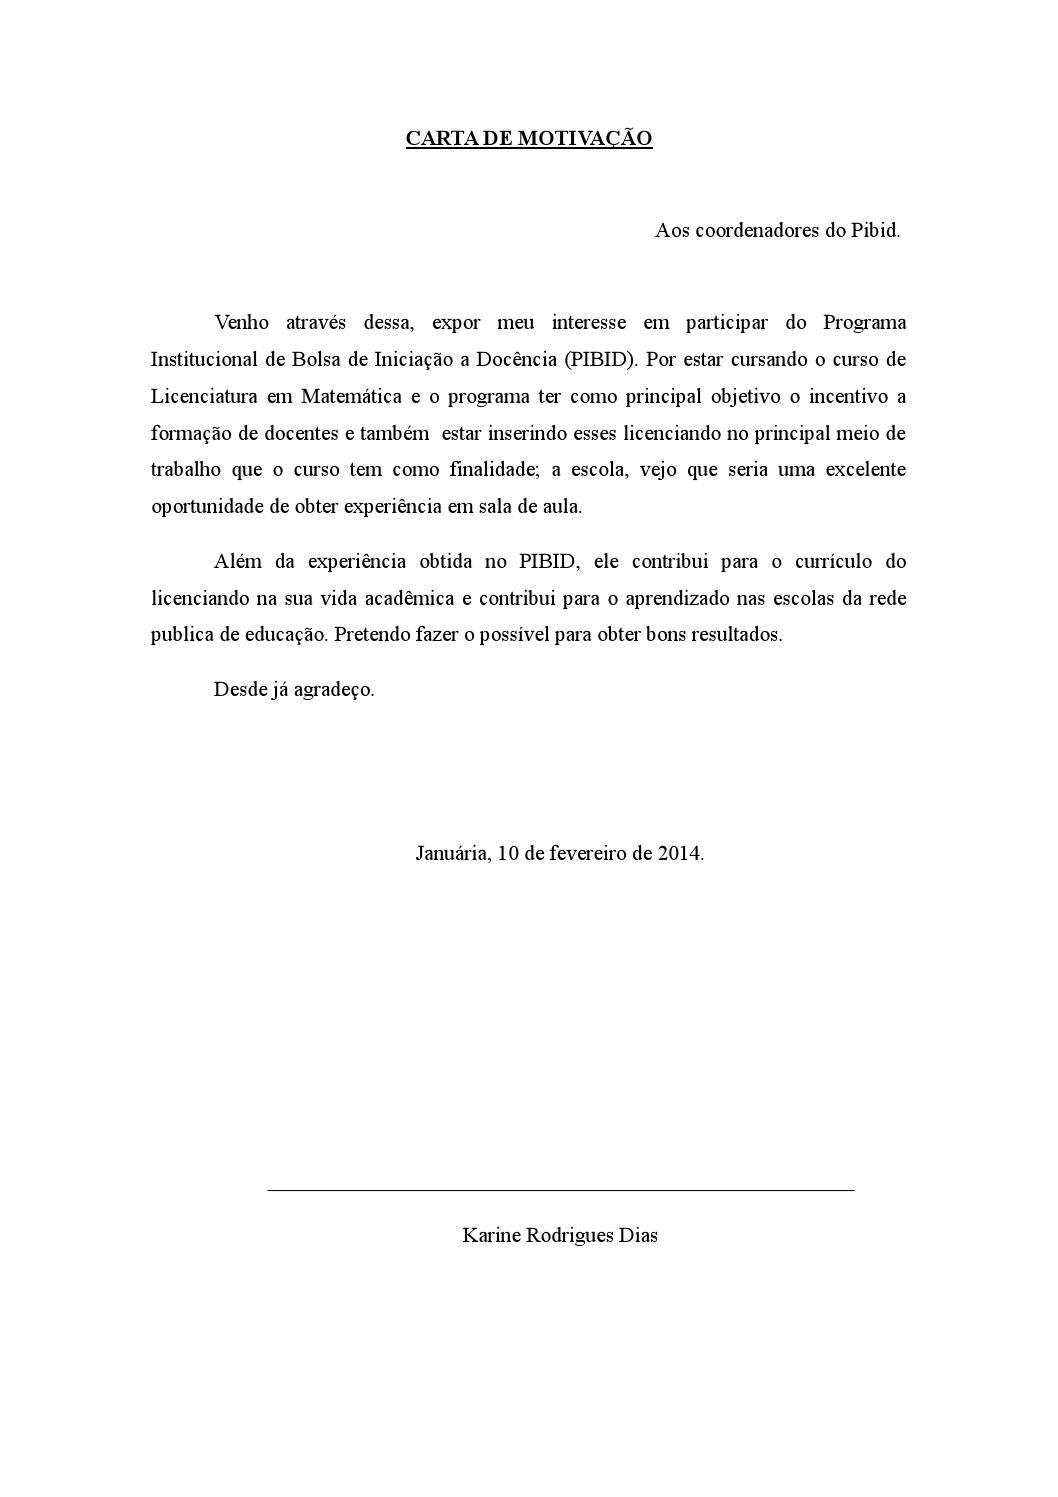 Carta De Motivação By Karine Dias Issuu